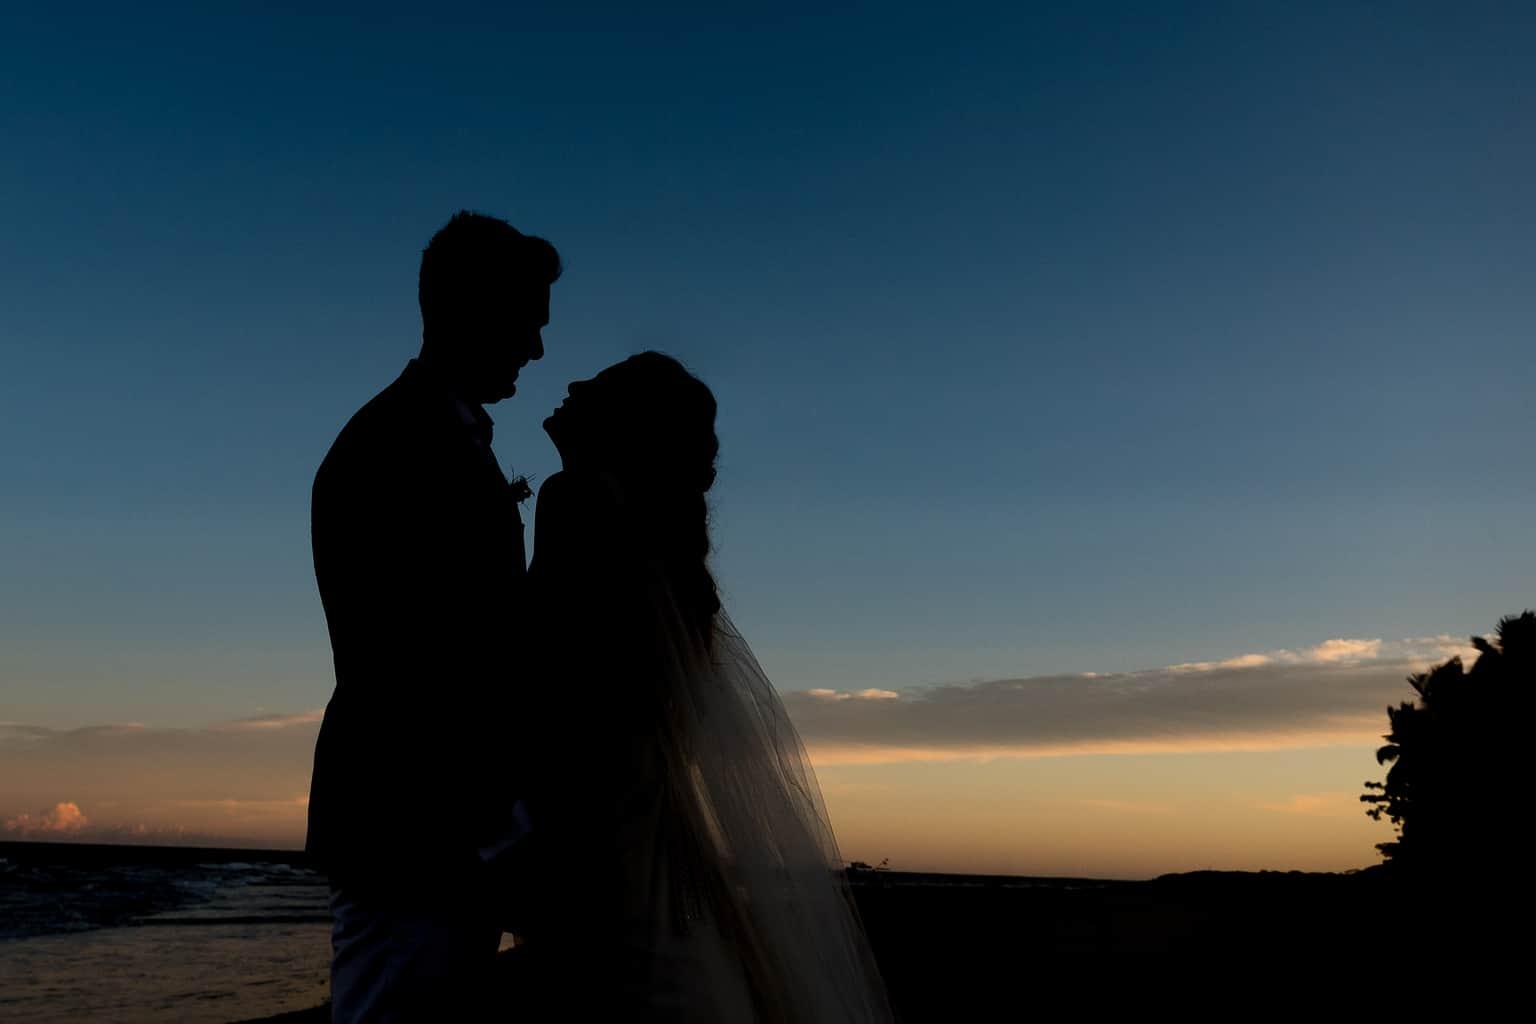 Casamento-Victoria-e-Christian-Fotografia-Tiago-Saldanha677_MG_3066-Editar